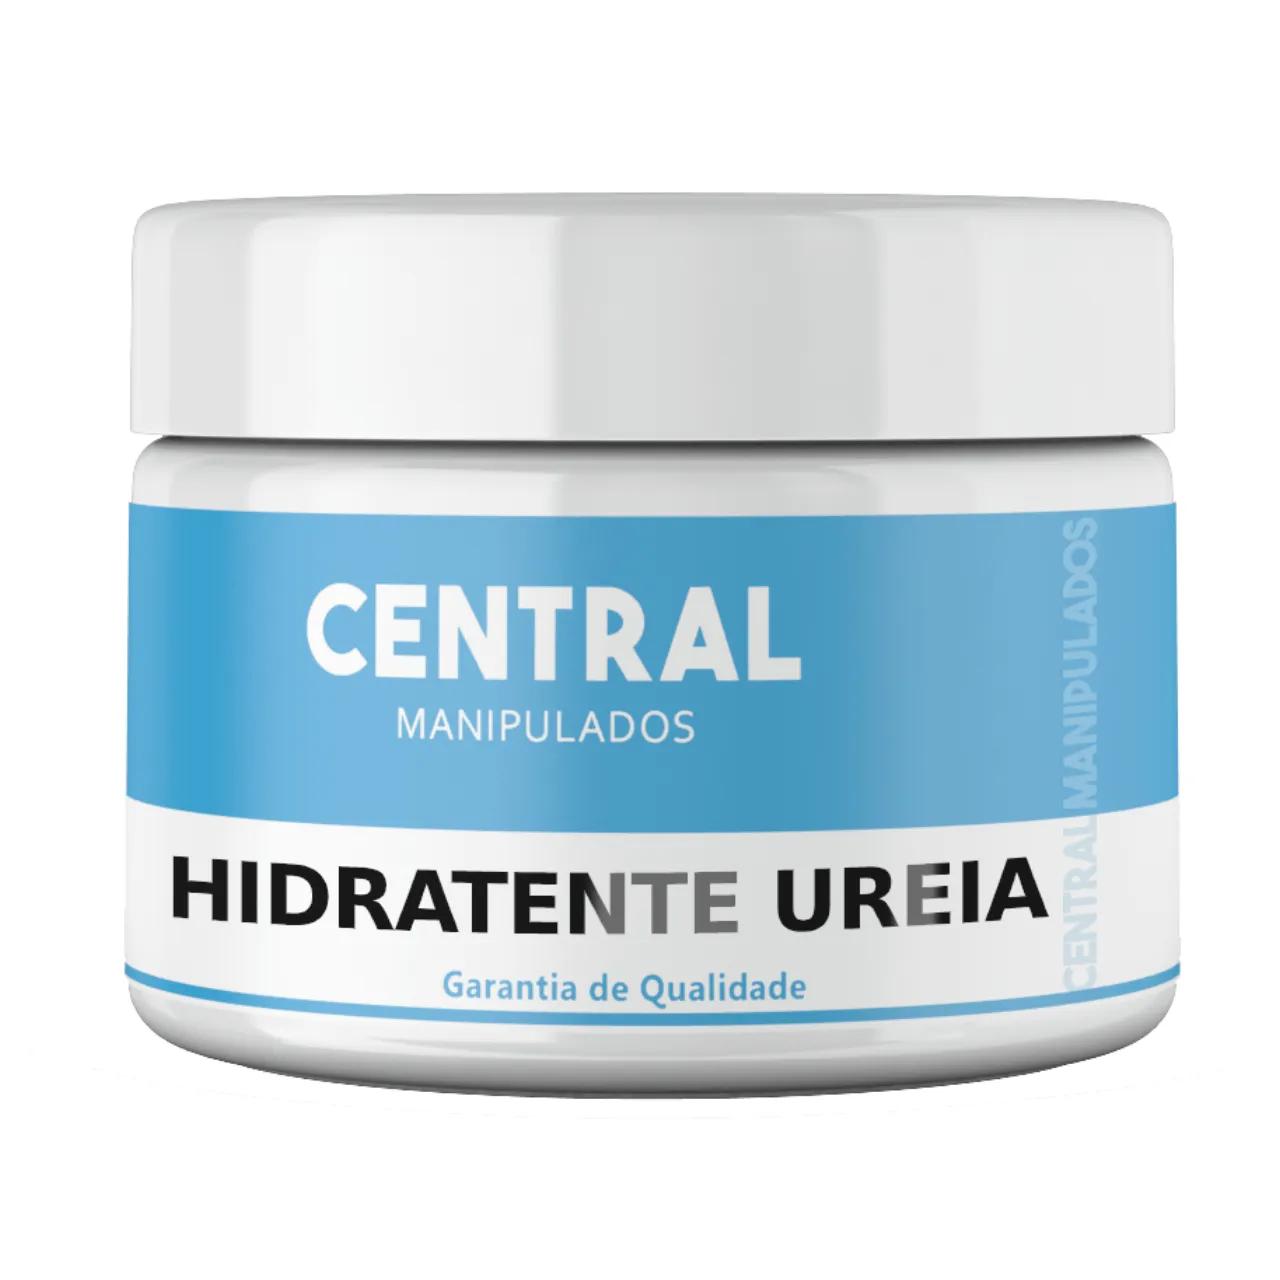 Uréia 20% - Creme 500g - Hidratação profunda, maciez e suavidade, reforçar a barreira cutânea